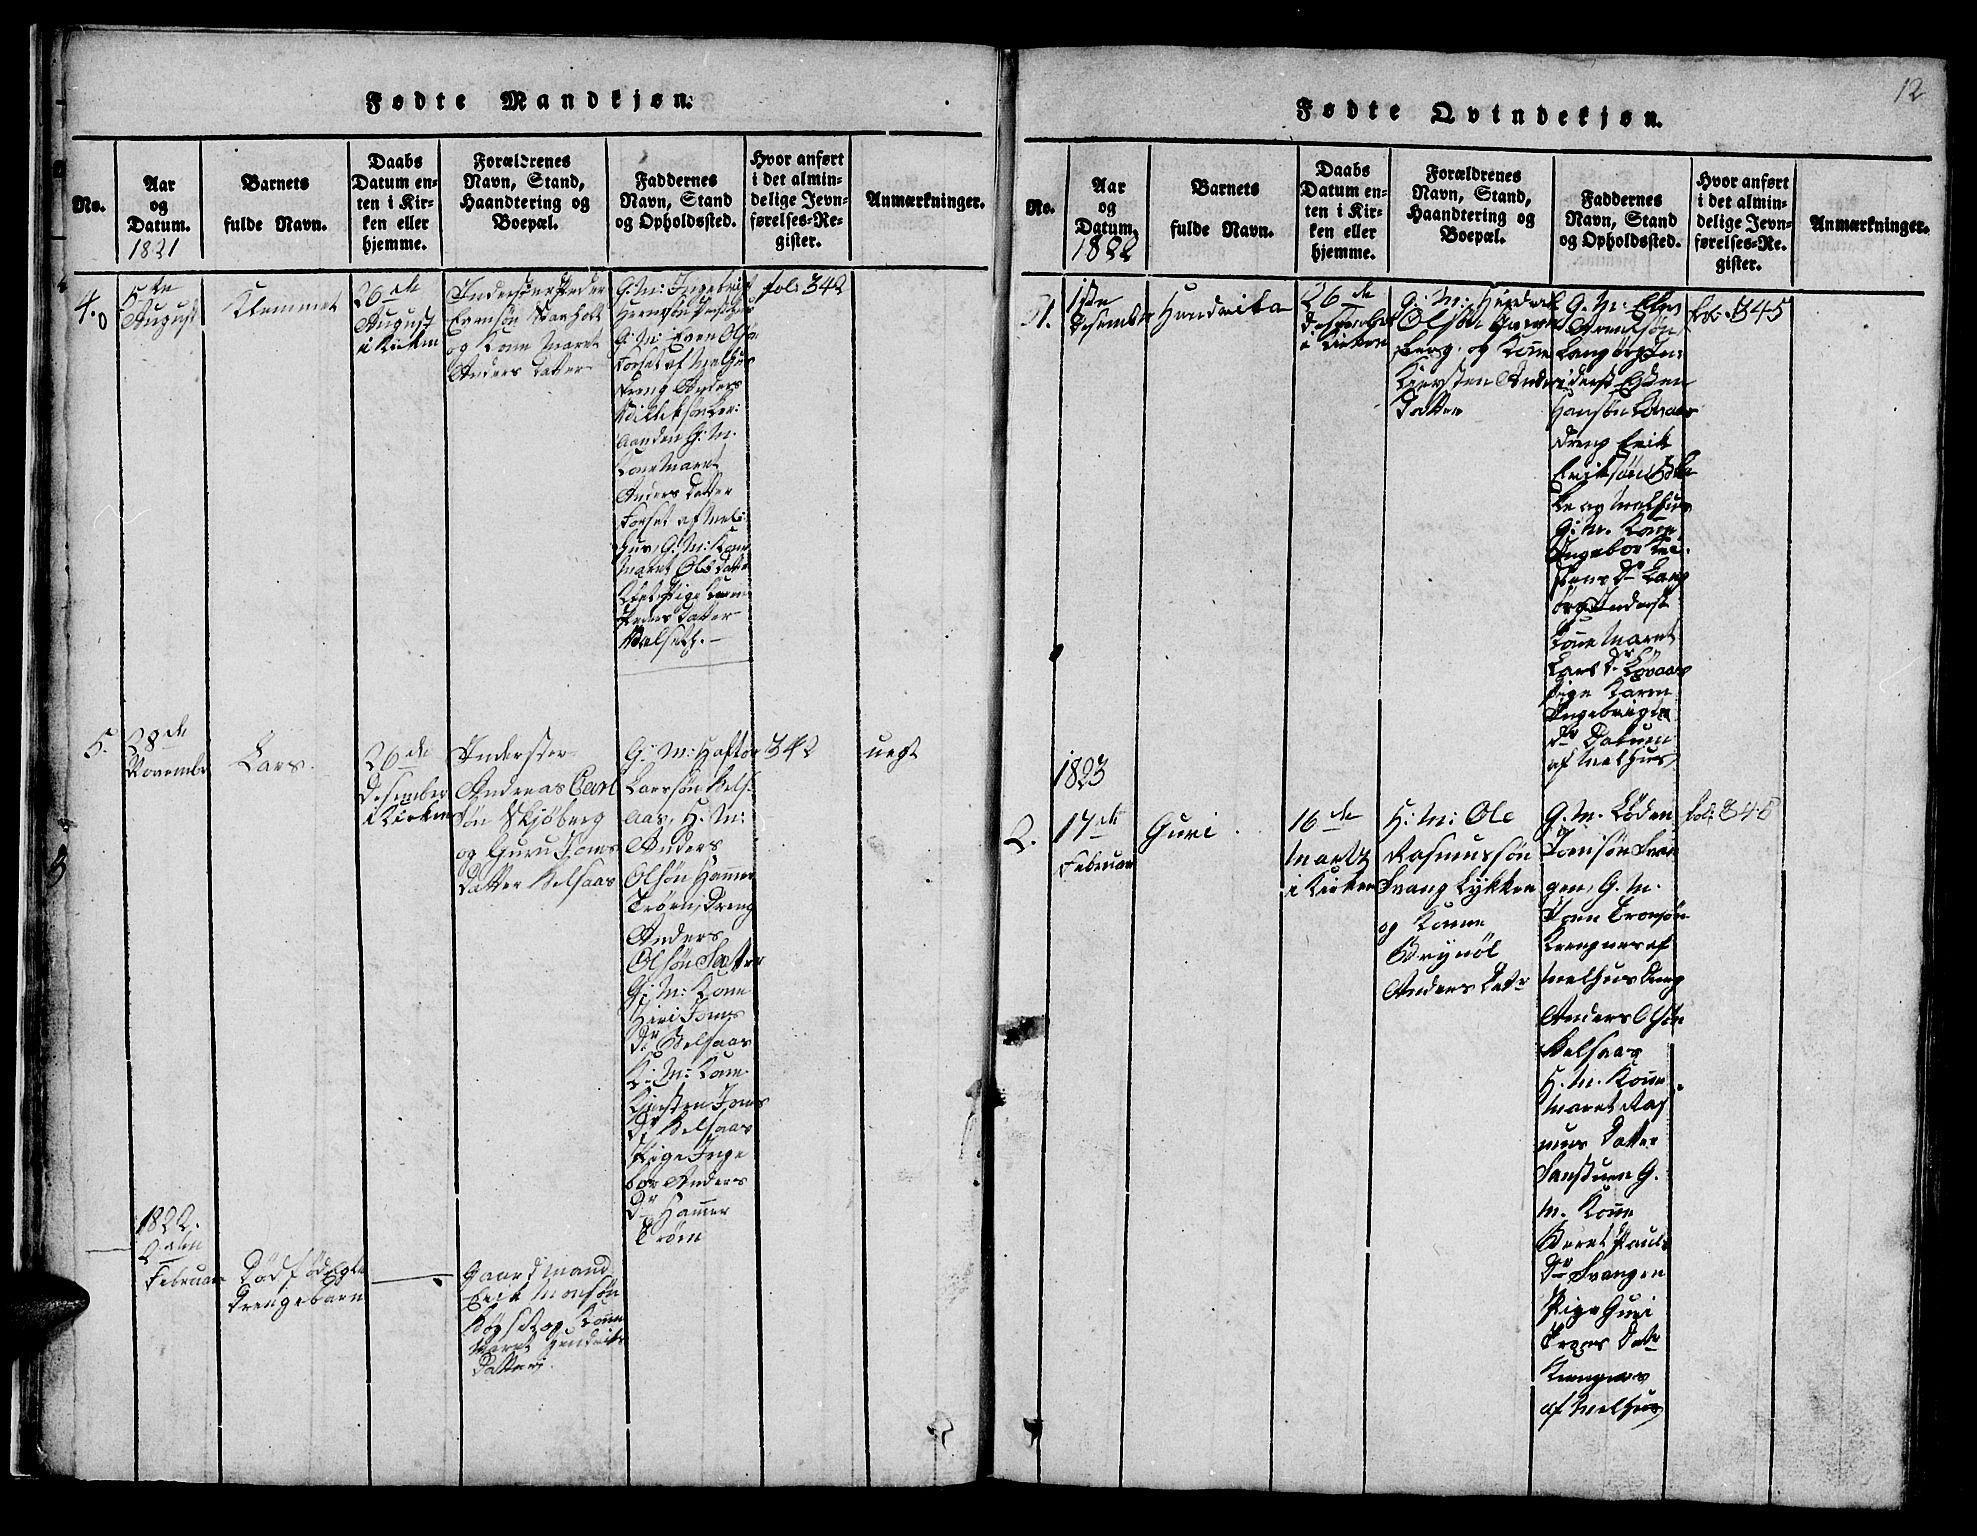 SAT, Ministerialprotokoller, klokkerbøker og fødselsregistre - Sør-Trøndelag, 666/L0788: Klokkerbok nr. 666C01, 1816-1847, s. 12